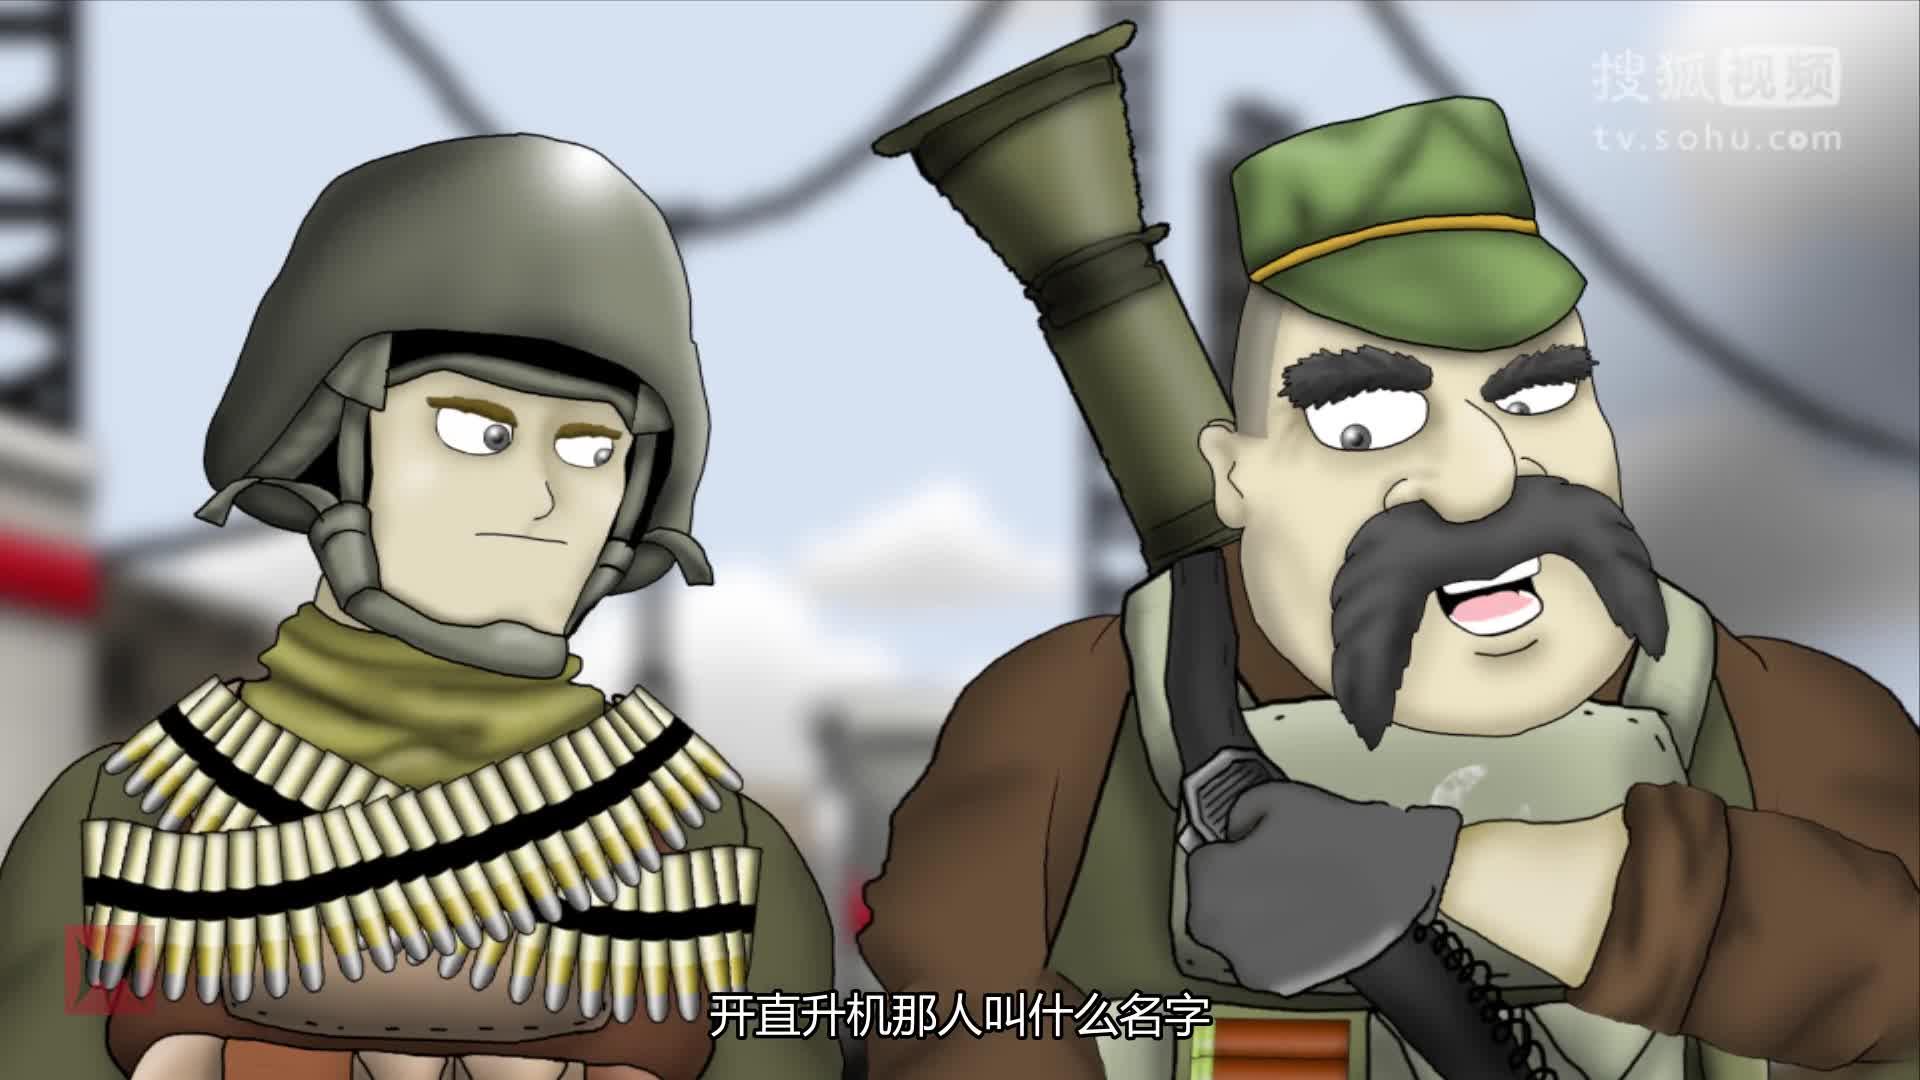 战地好基友第一季3_【战地好基友】第一季第11集 管理员-游戏视频-搜狐视频